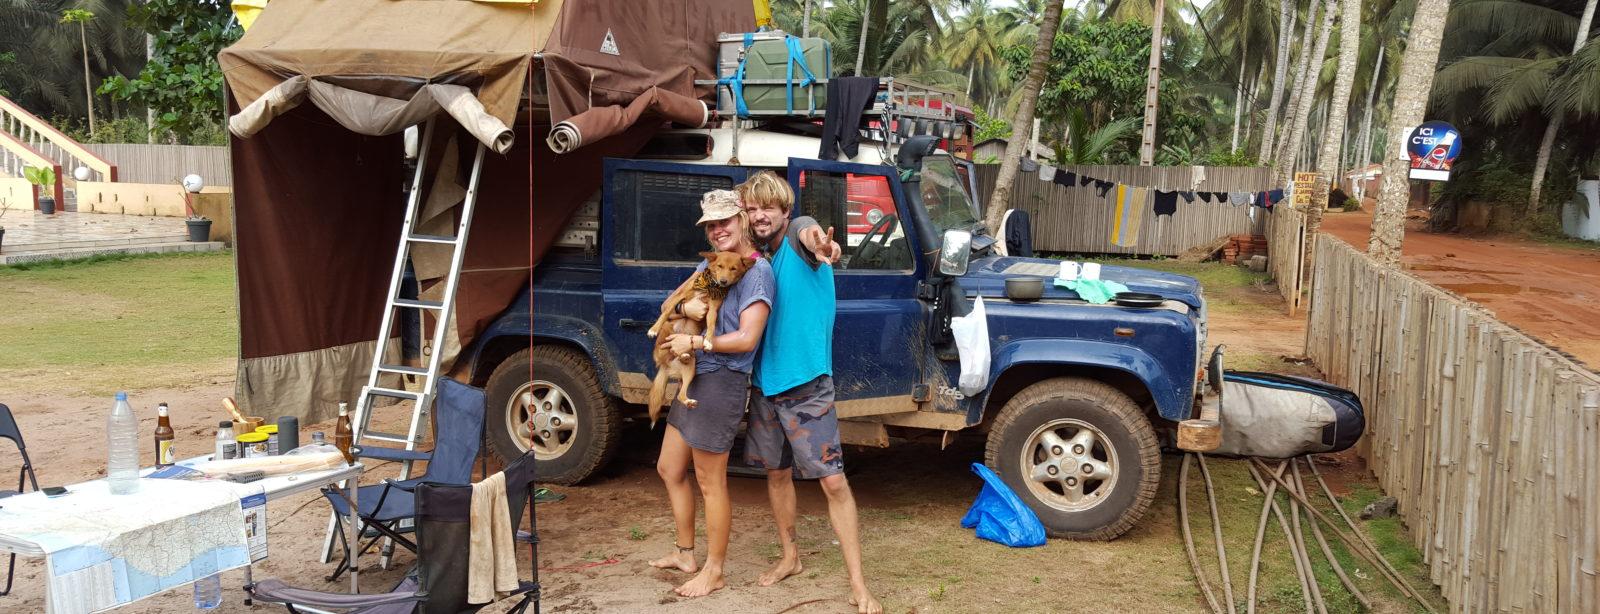 Eigentlich wollten wir mit dem Land Rover nach Südafrika